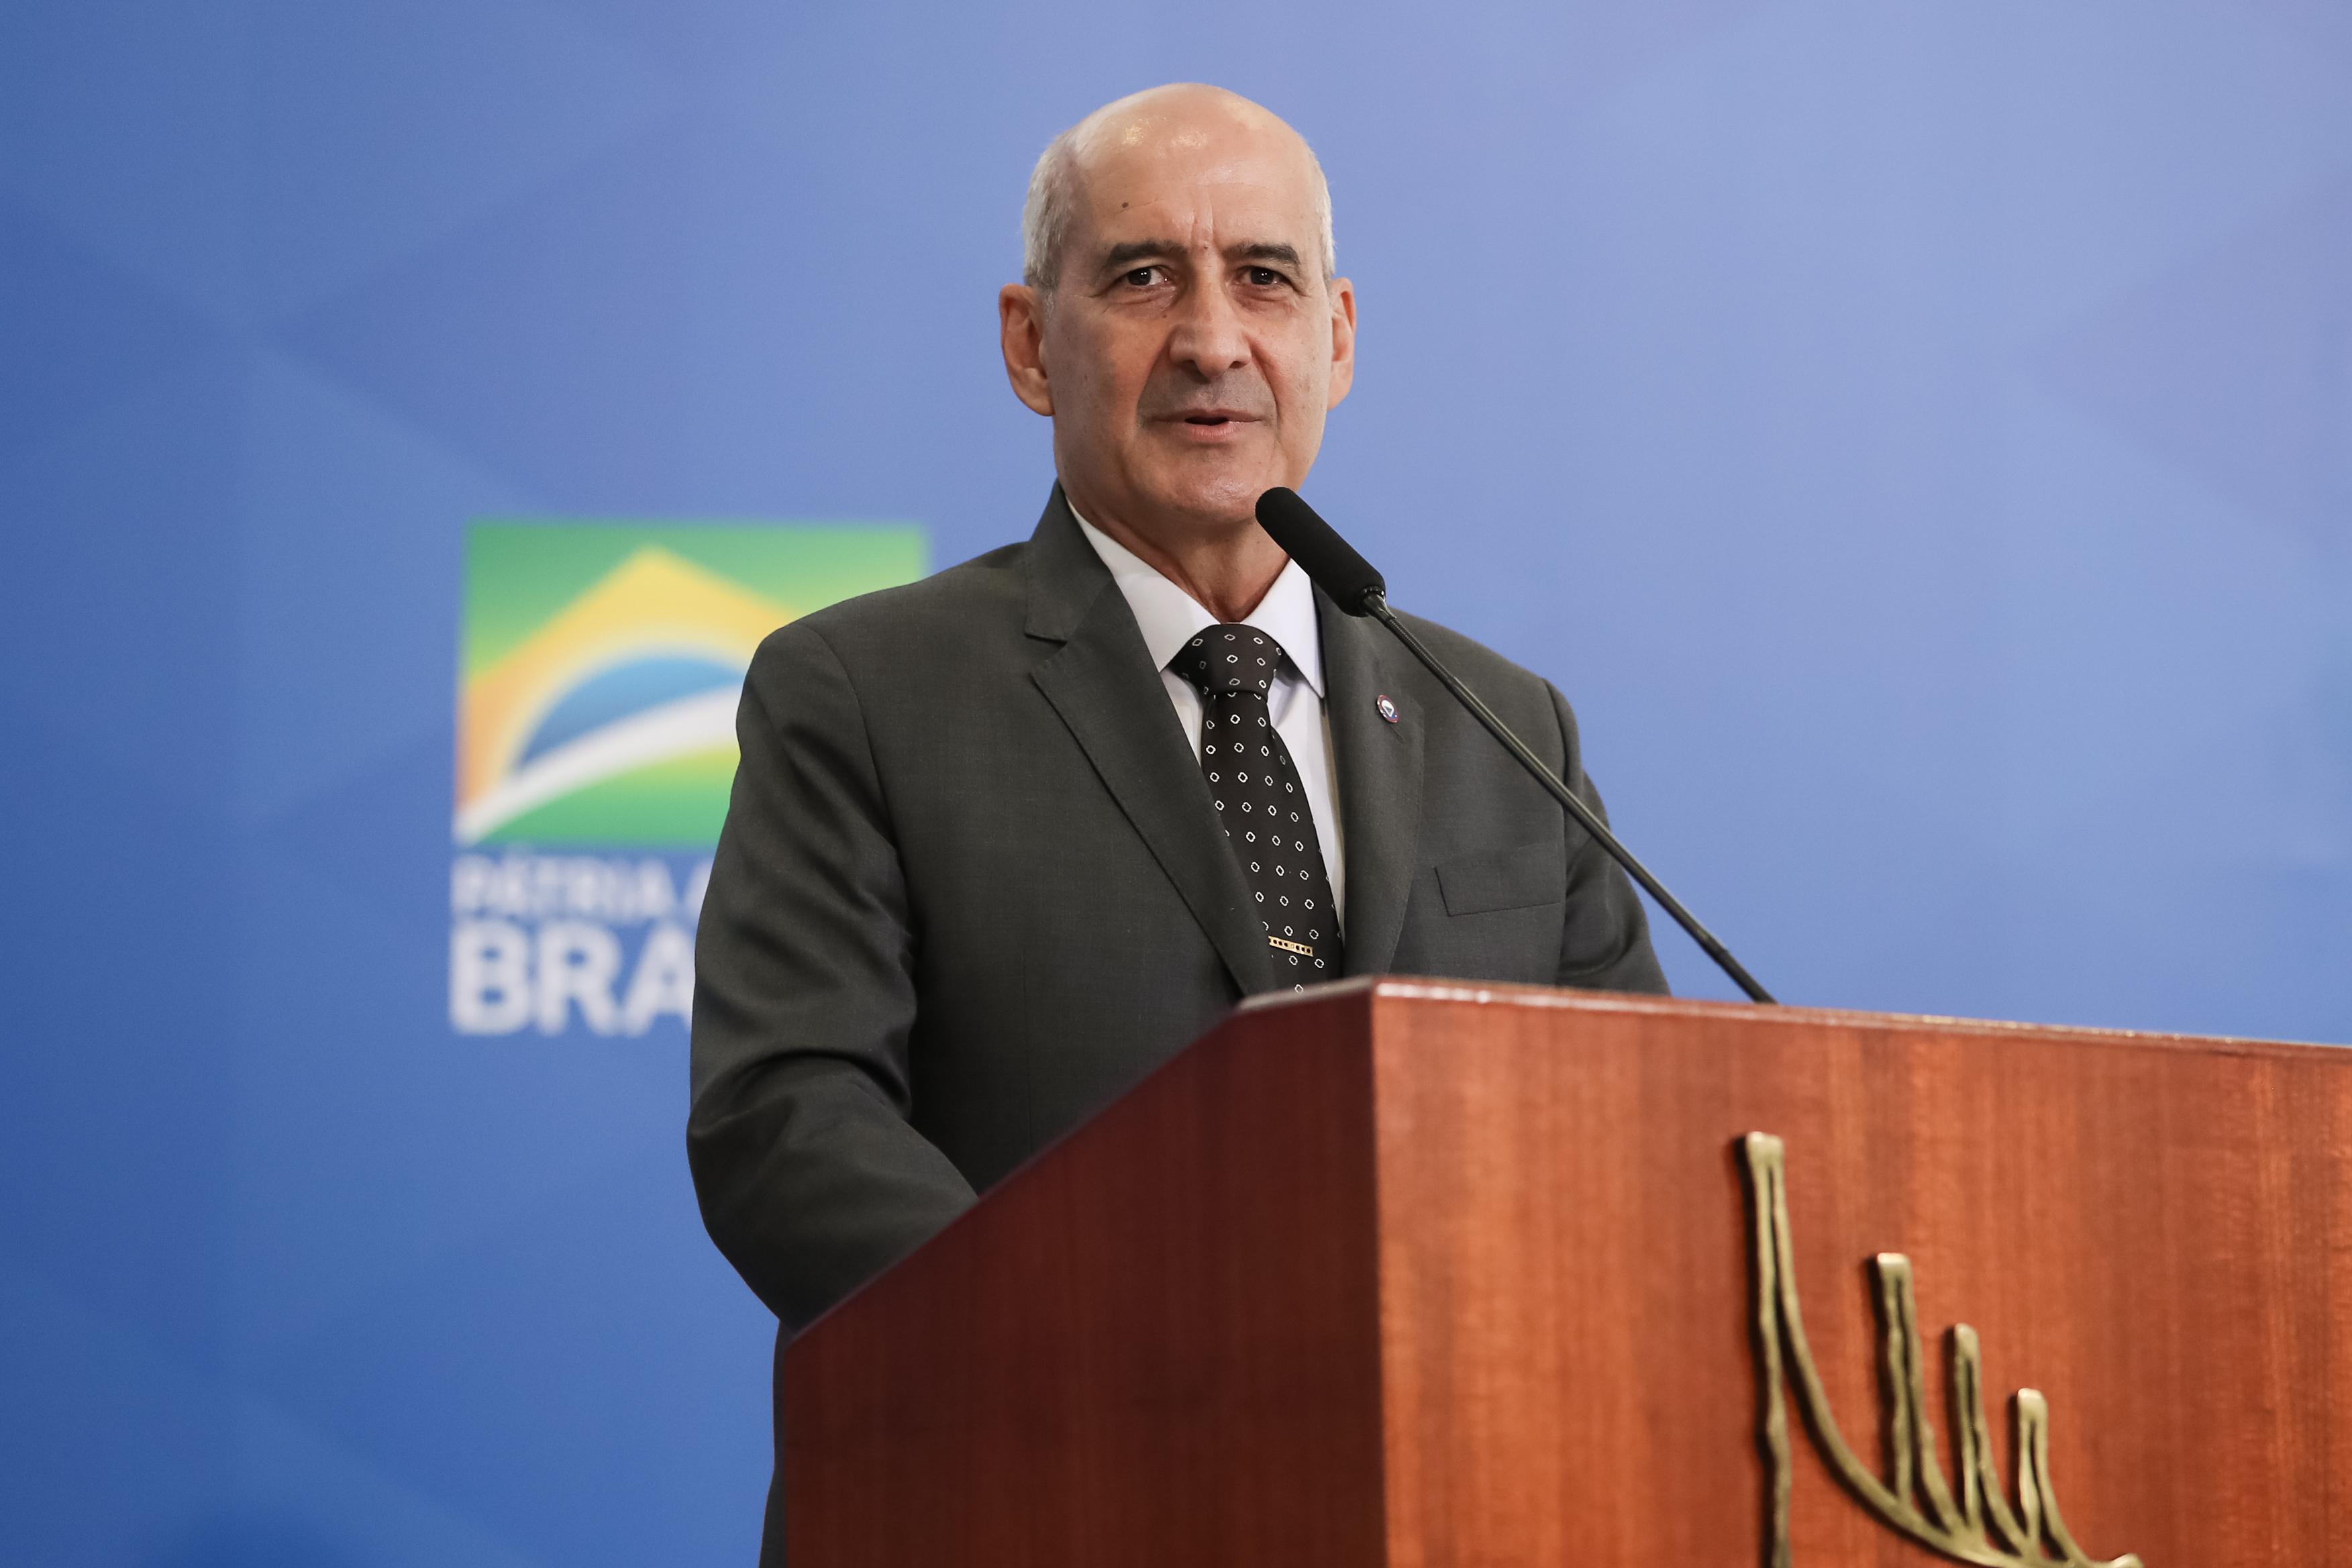 IMAGEM: Sem alarde, mais um ministro de Bolsonaro toma vacina